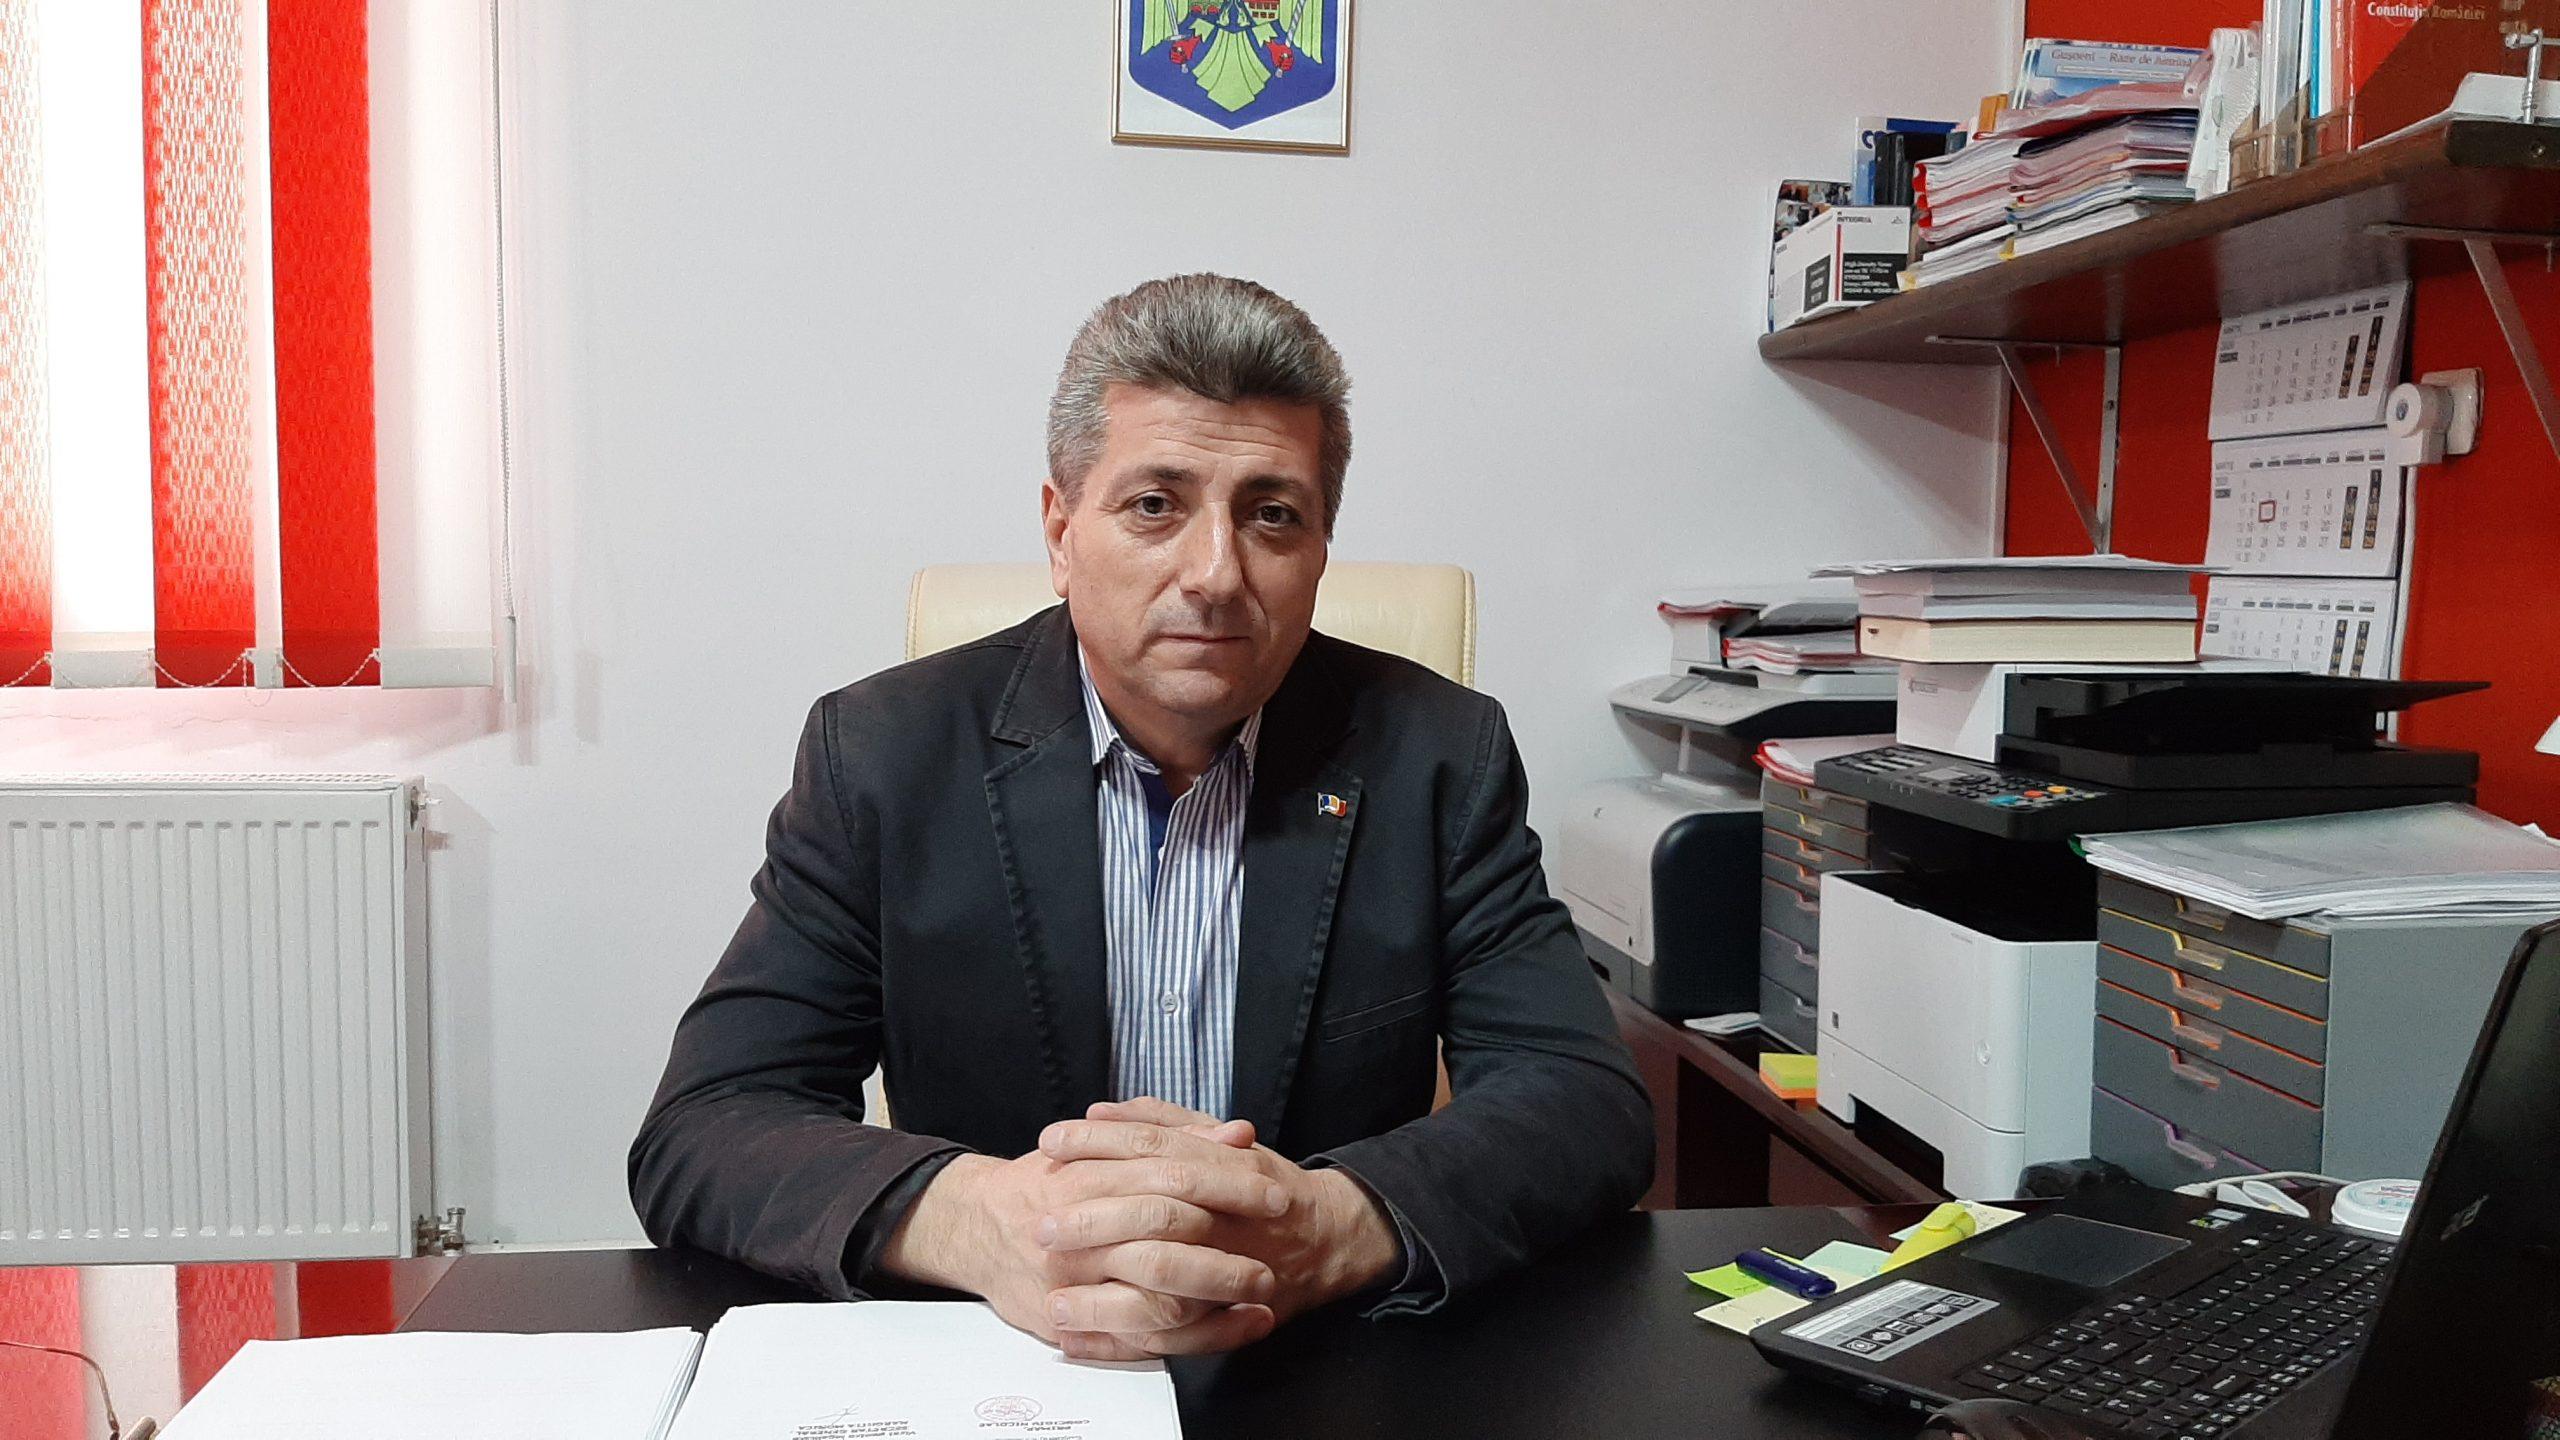 Anunţul primarului Nicolae Concioiu: Plângere penală împotriva celor care au decis eliminarea localităţii din master planul judeţului